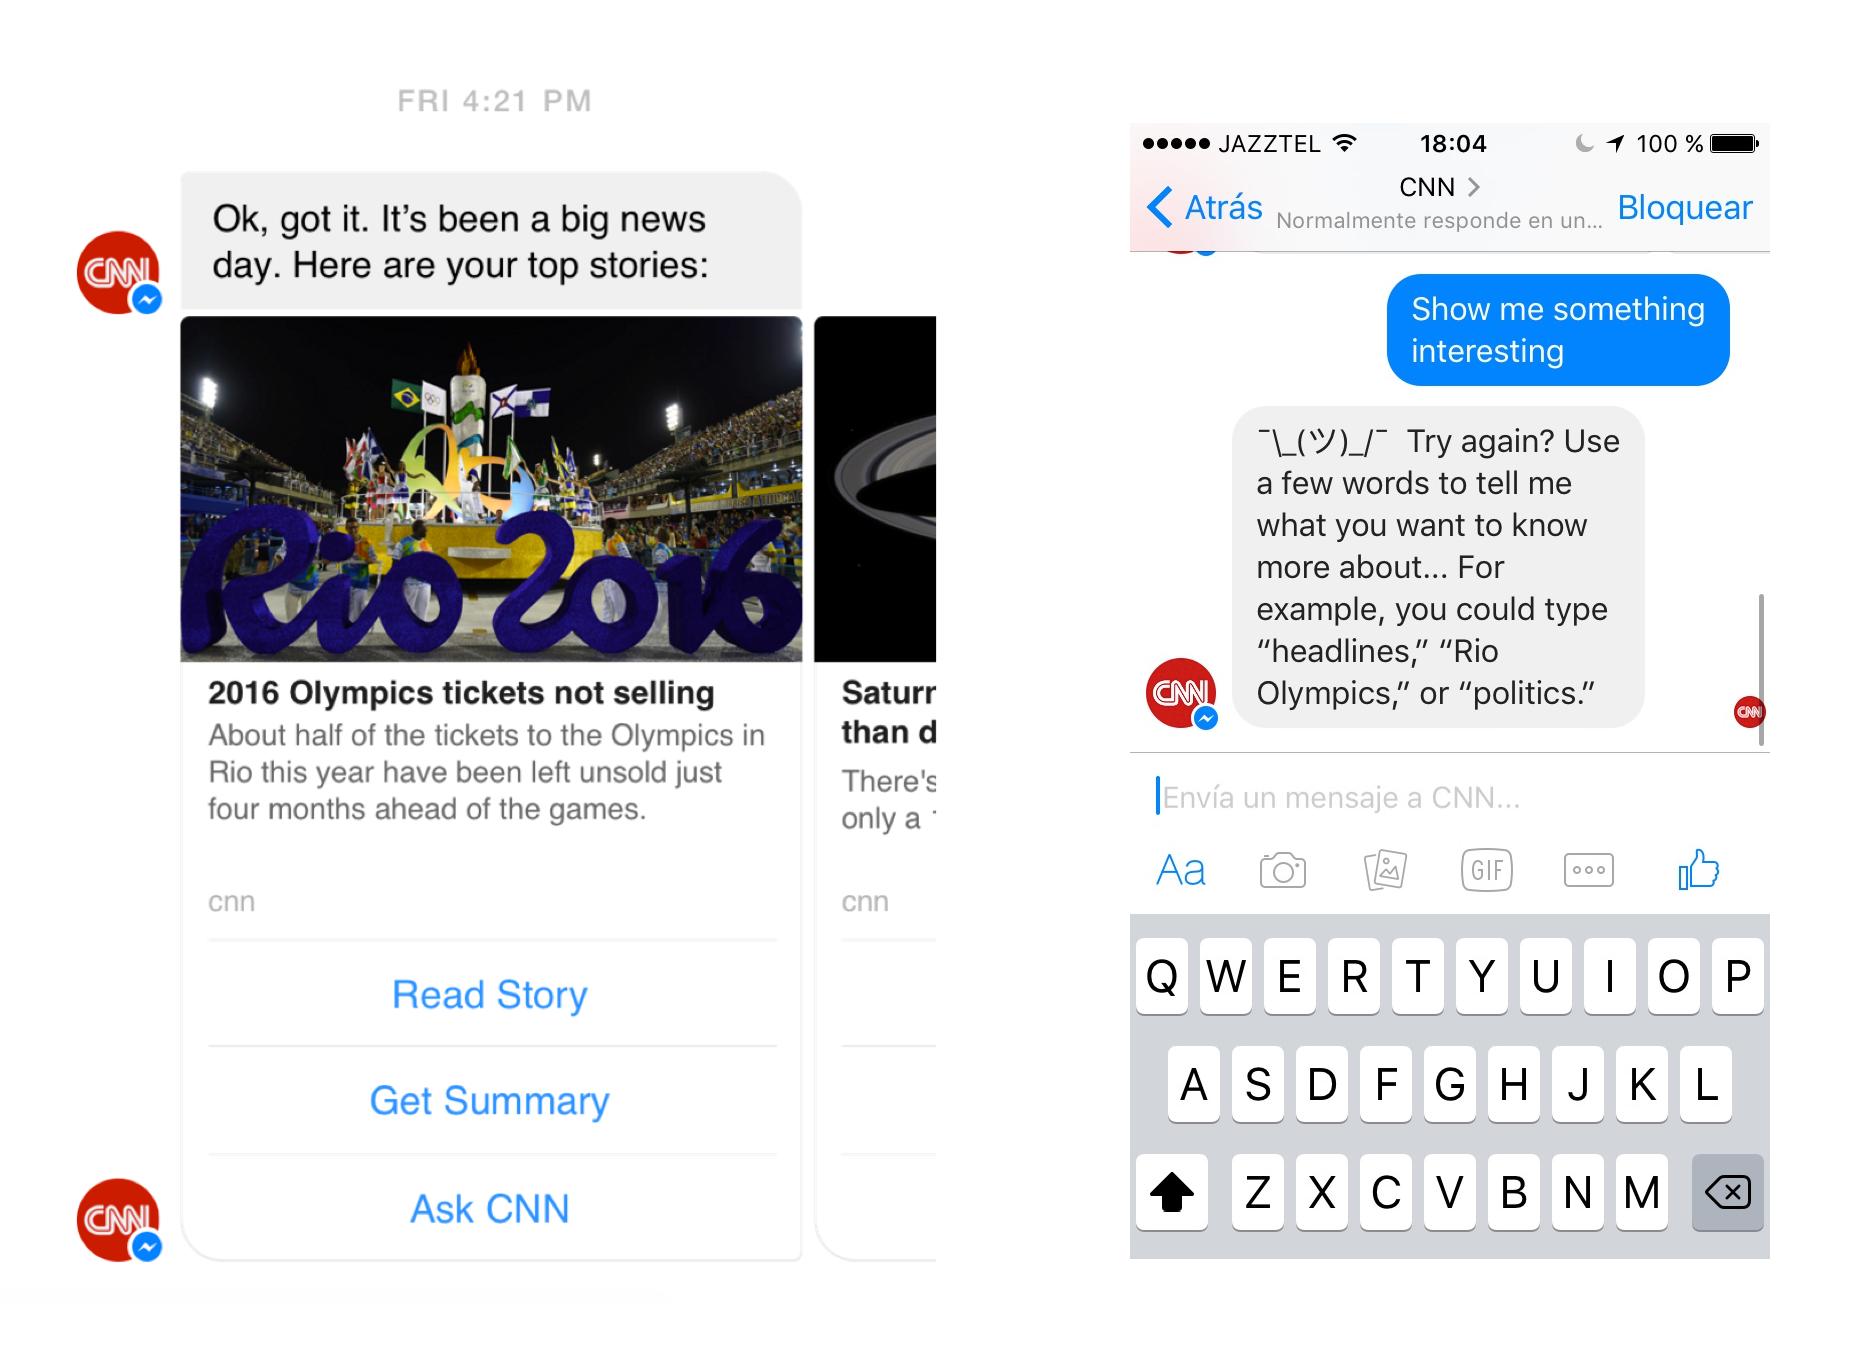 cnn-chatbot